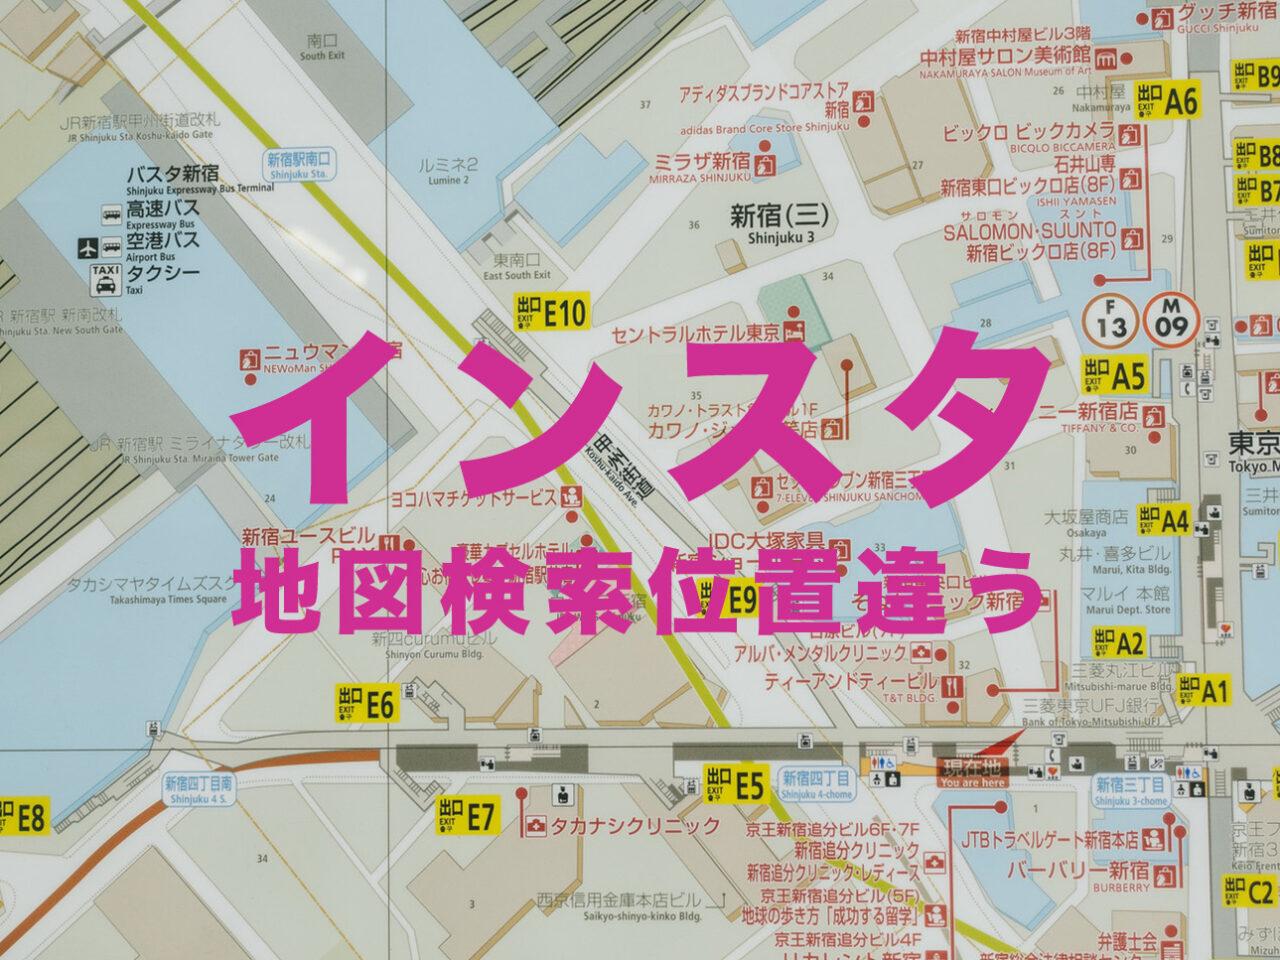 インスタの地図検索機能で表示される位置が違う場合の原因と対処法は?のサムネイル画像